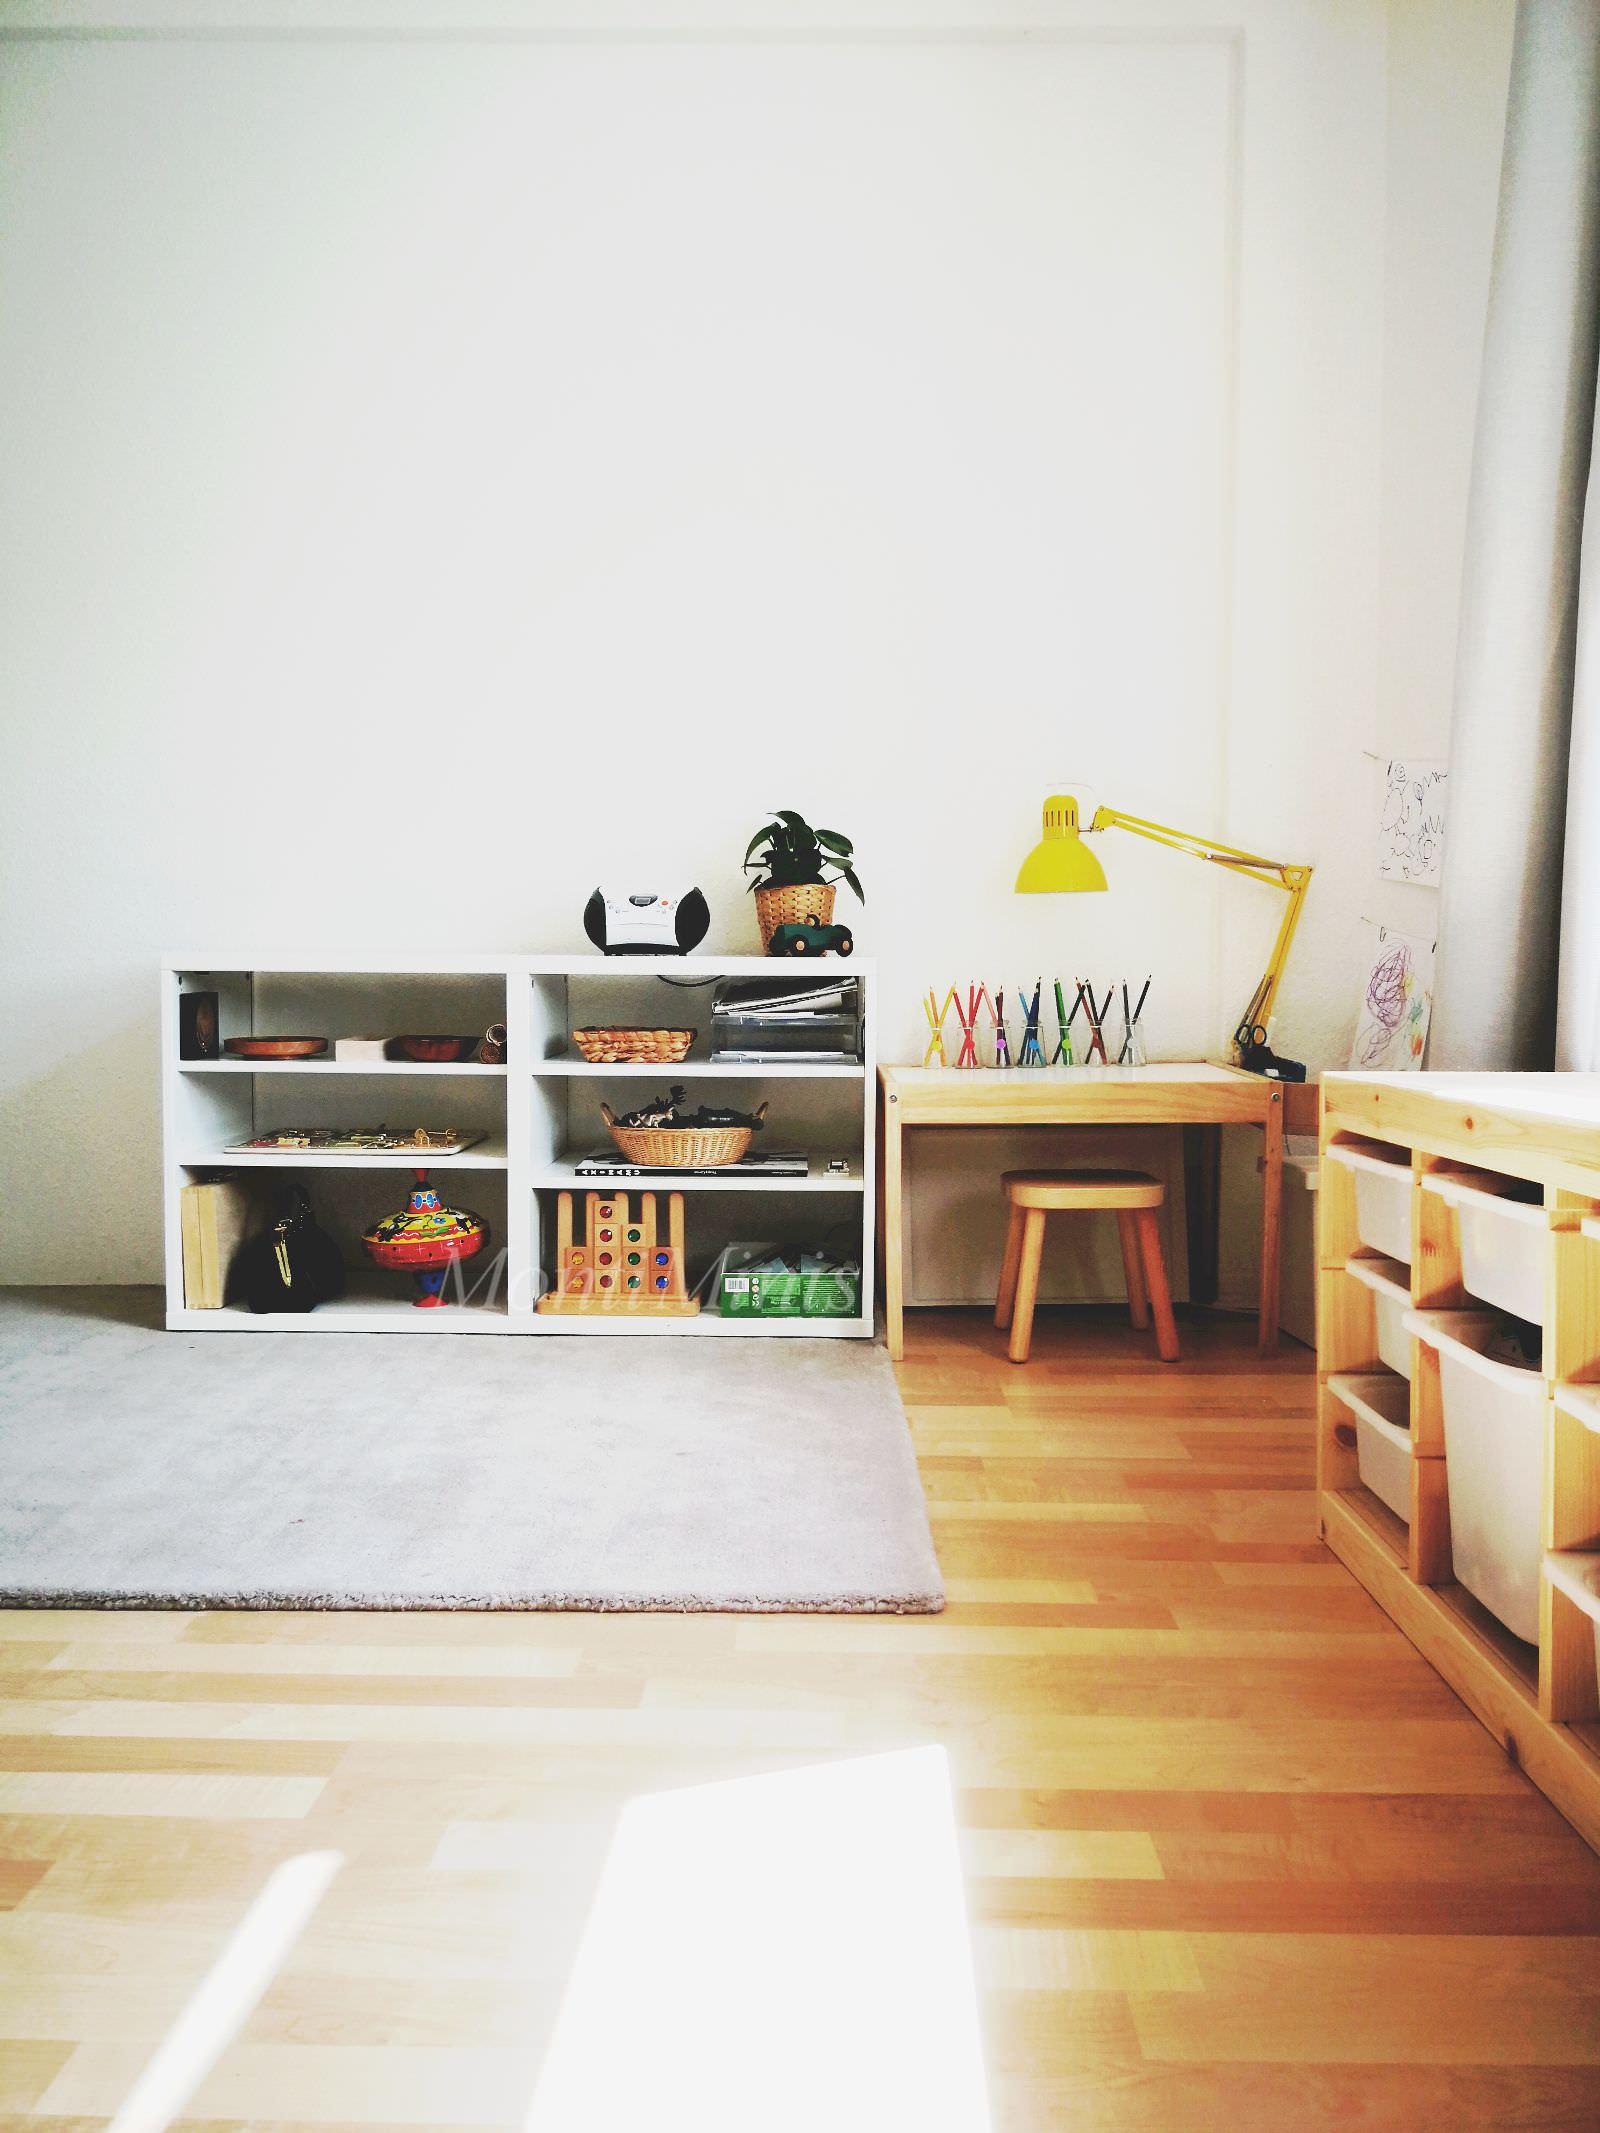 michels kinderzimmer mit 2 5 jahren montiminis. Black Bedroom Furniture Sets. Home Design Ideas